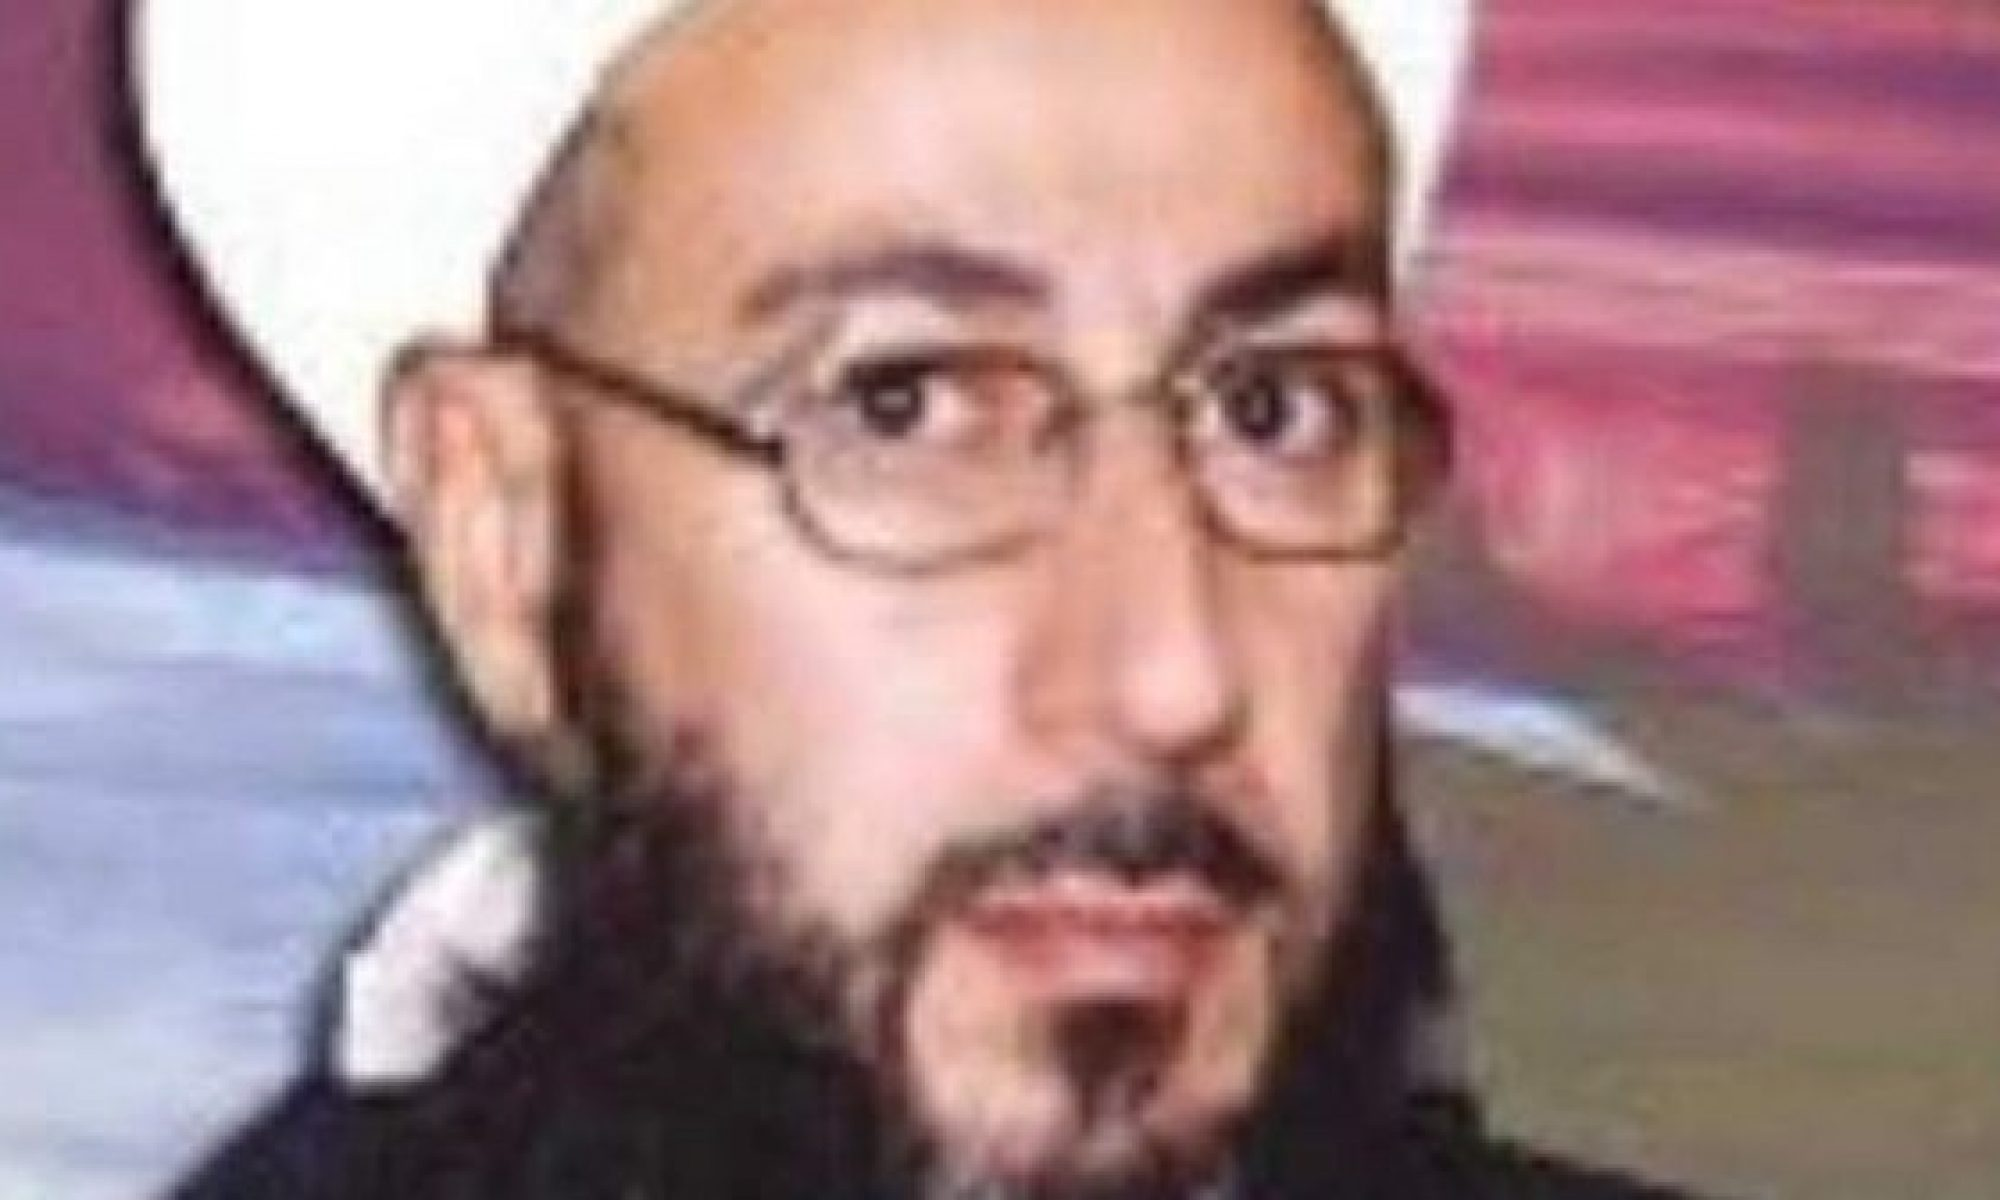 Kürt alim Şeyh Maşuk Haznevi'nin katledilmesinin üzerinden 15 yıl geçti